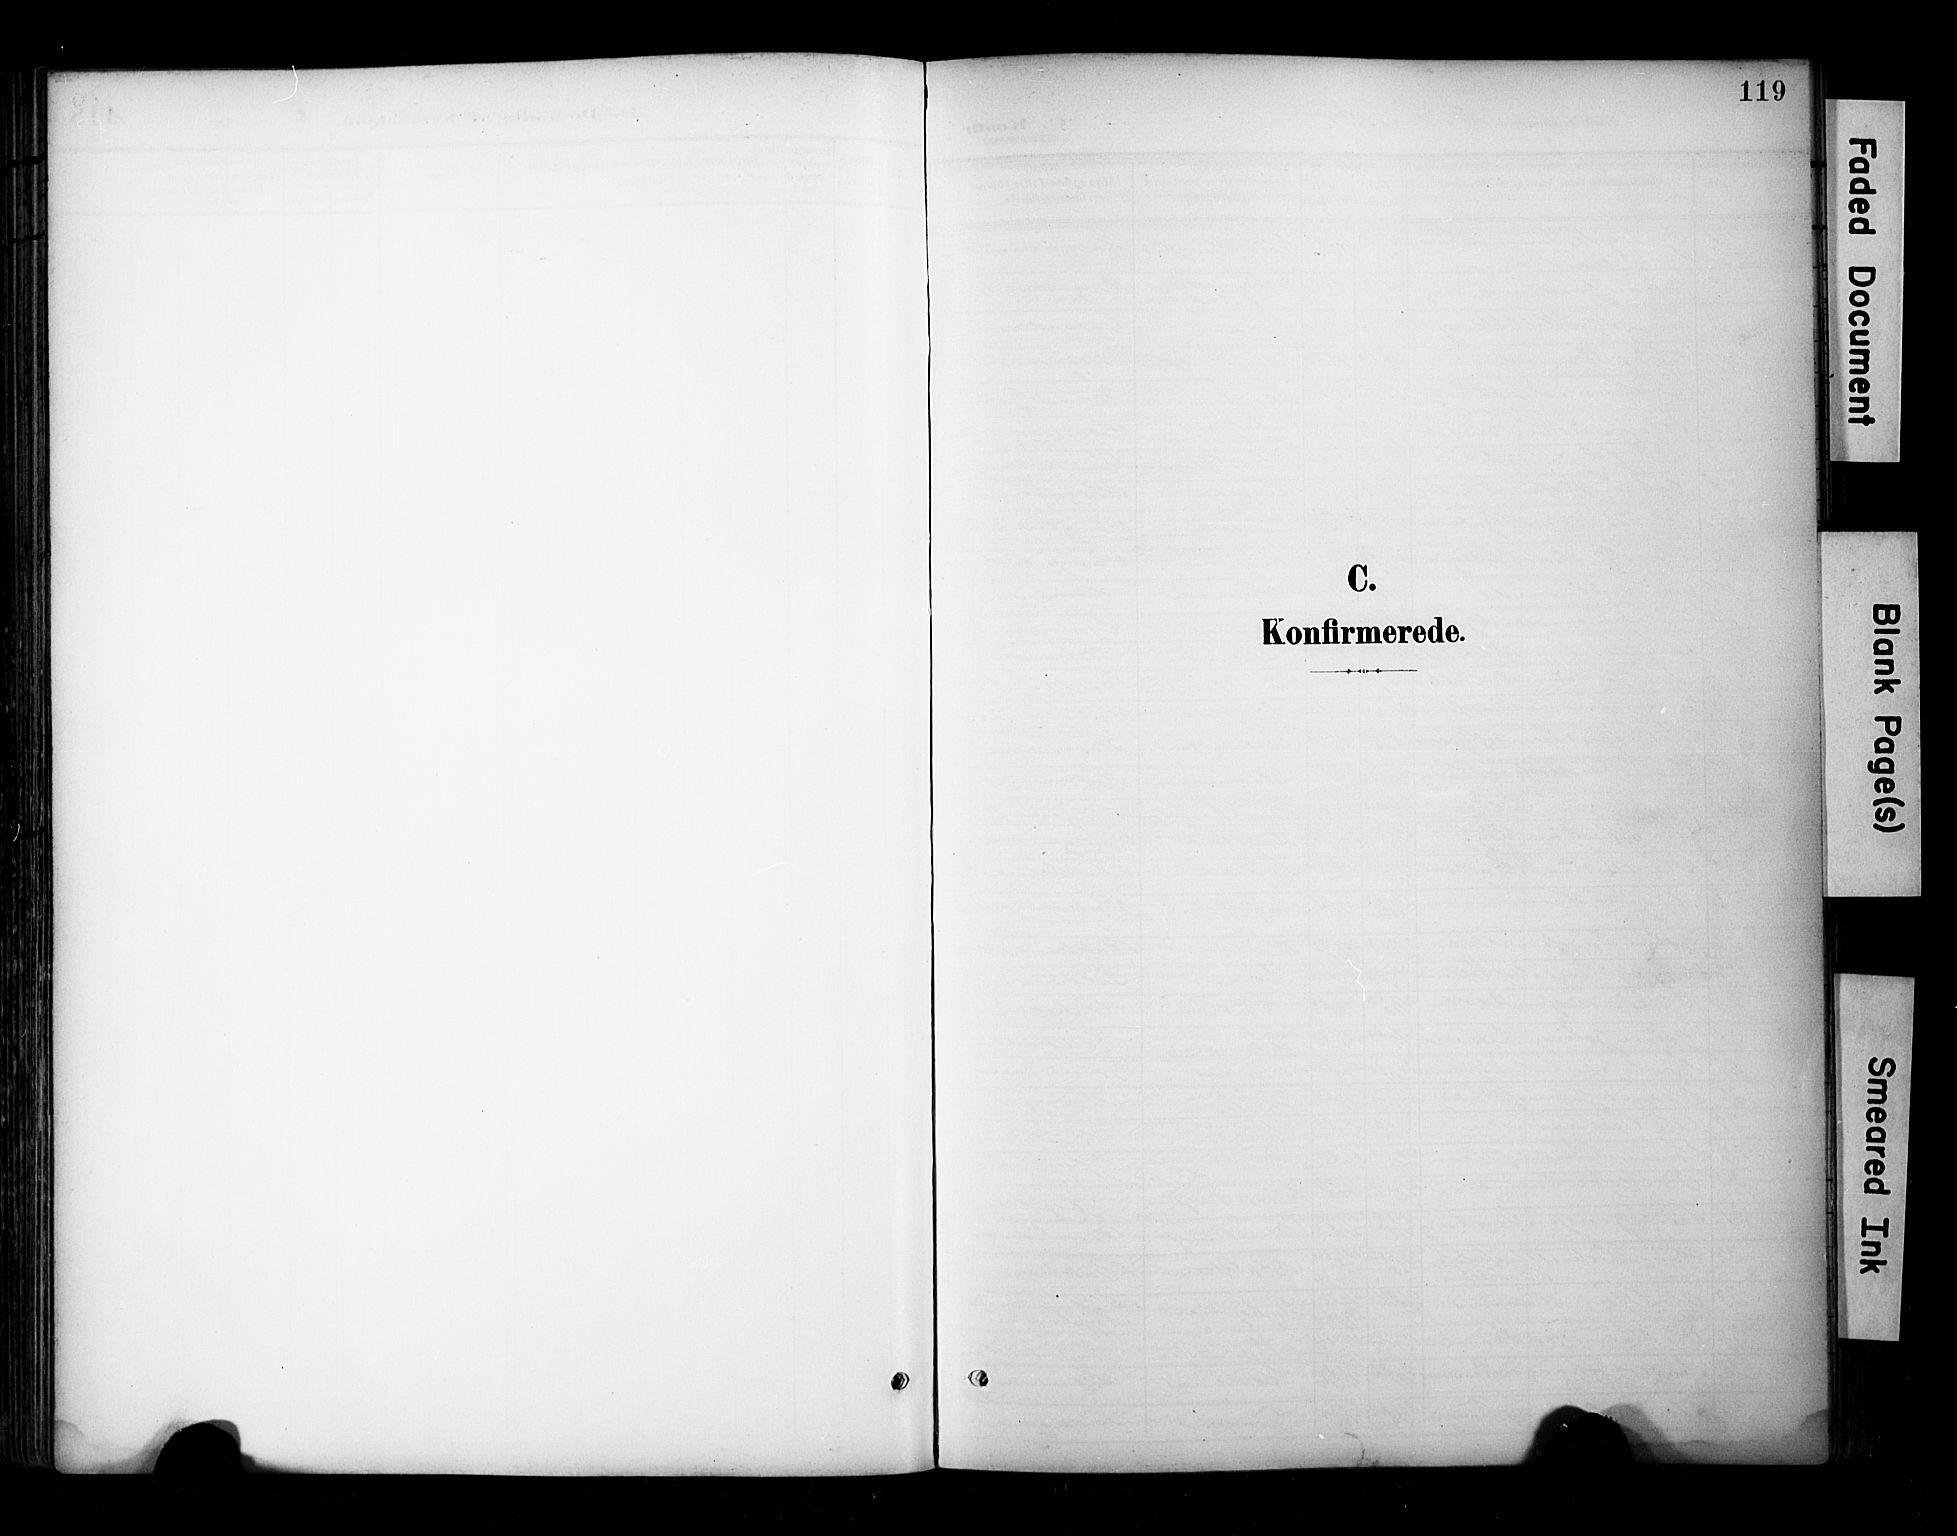 SAT, Ministerialprotokoller, klokkerbøker og fødselsregistre - Sør-Trøndelag, 681/L0936: Ministerialbok nr. 681A14, 1899-1908, s. 119